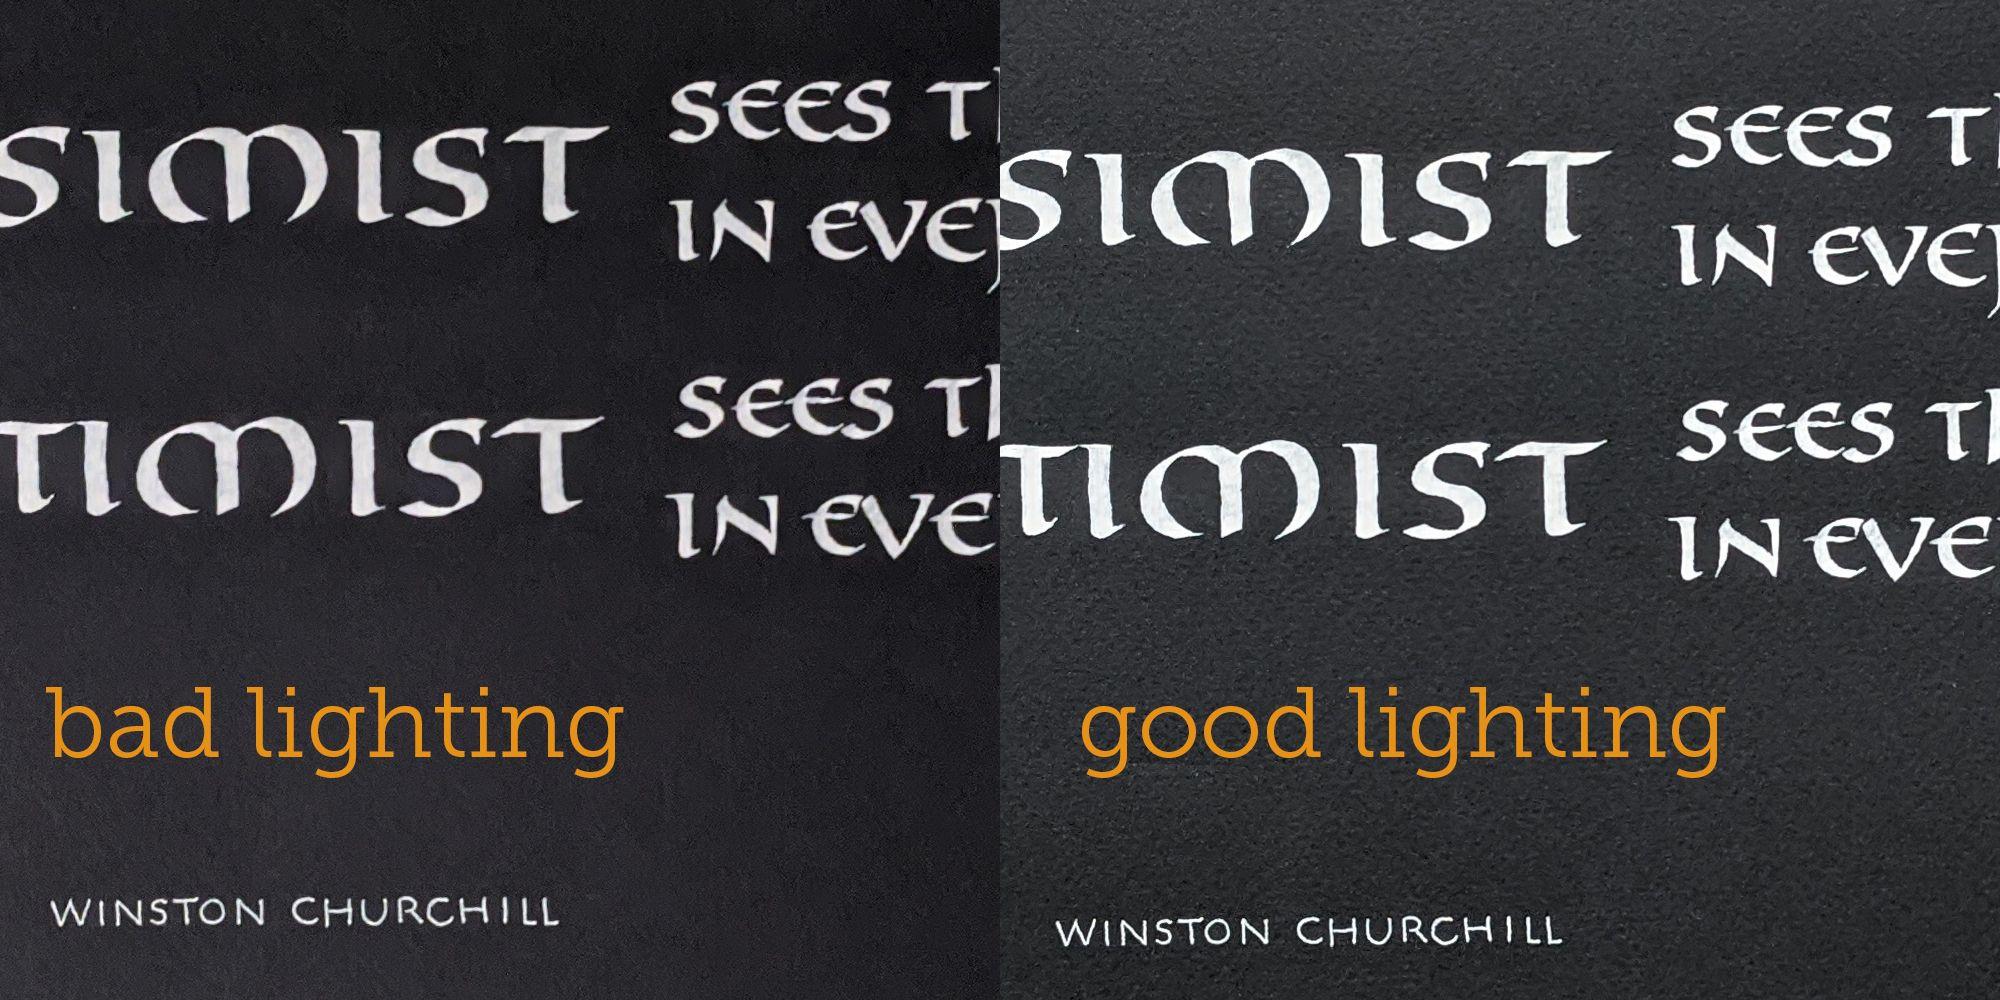 lightling_comparison